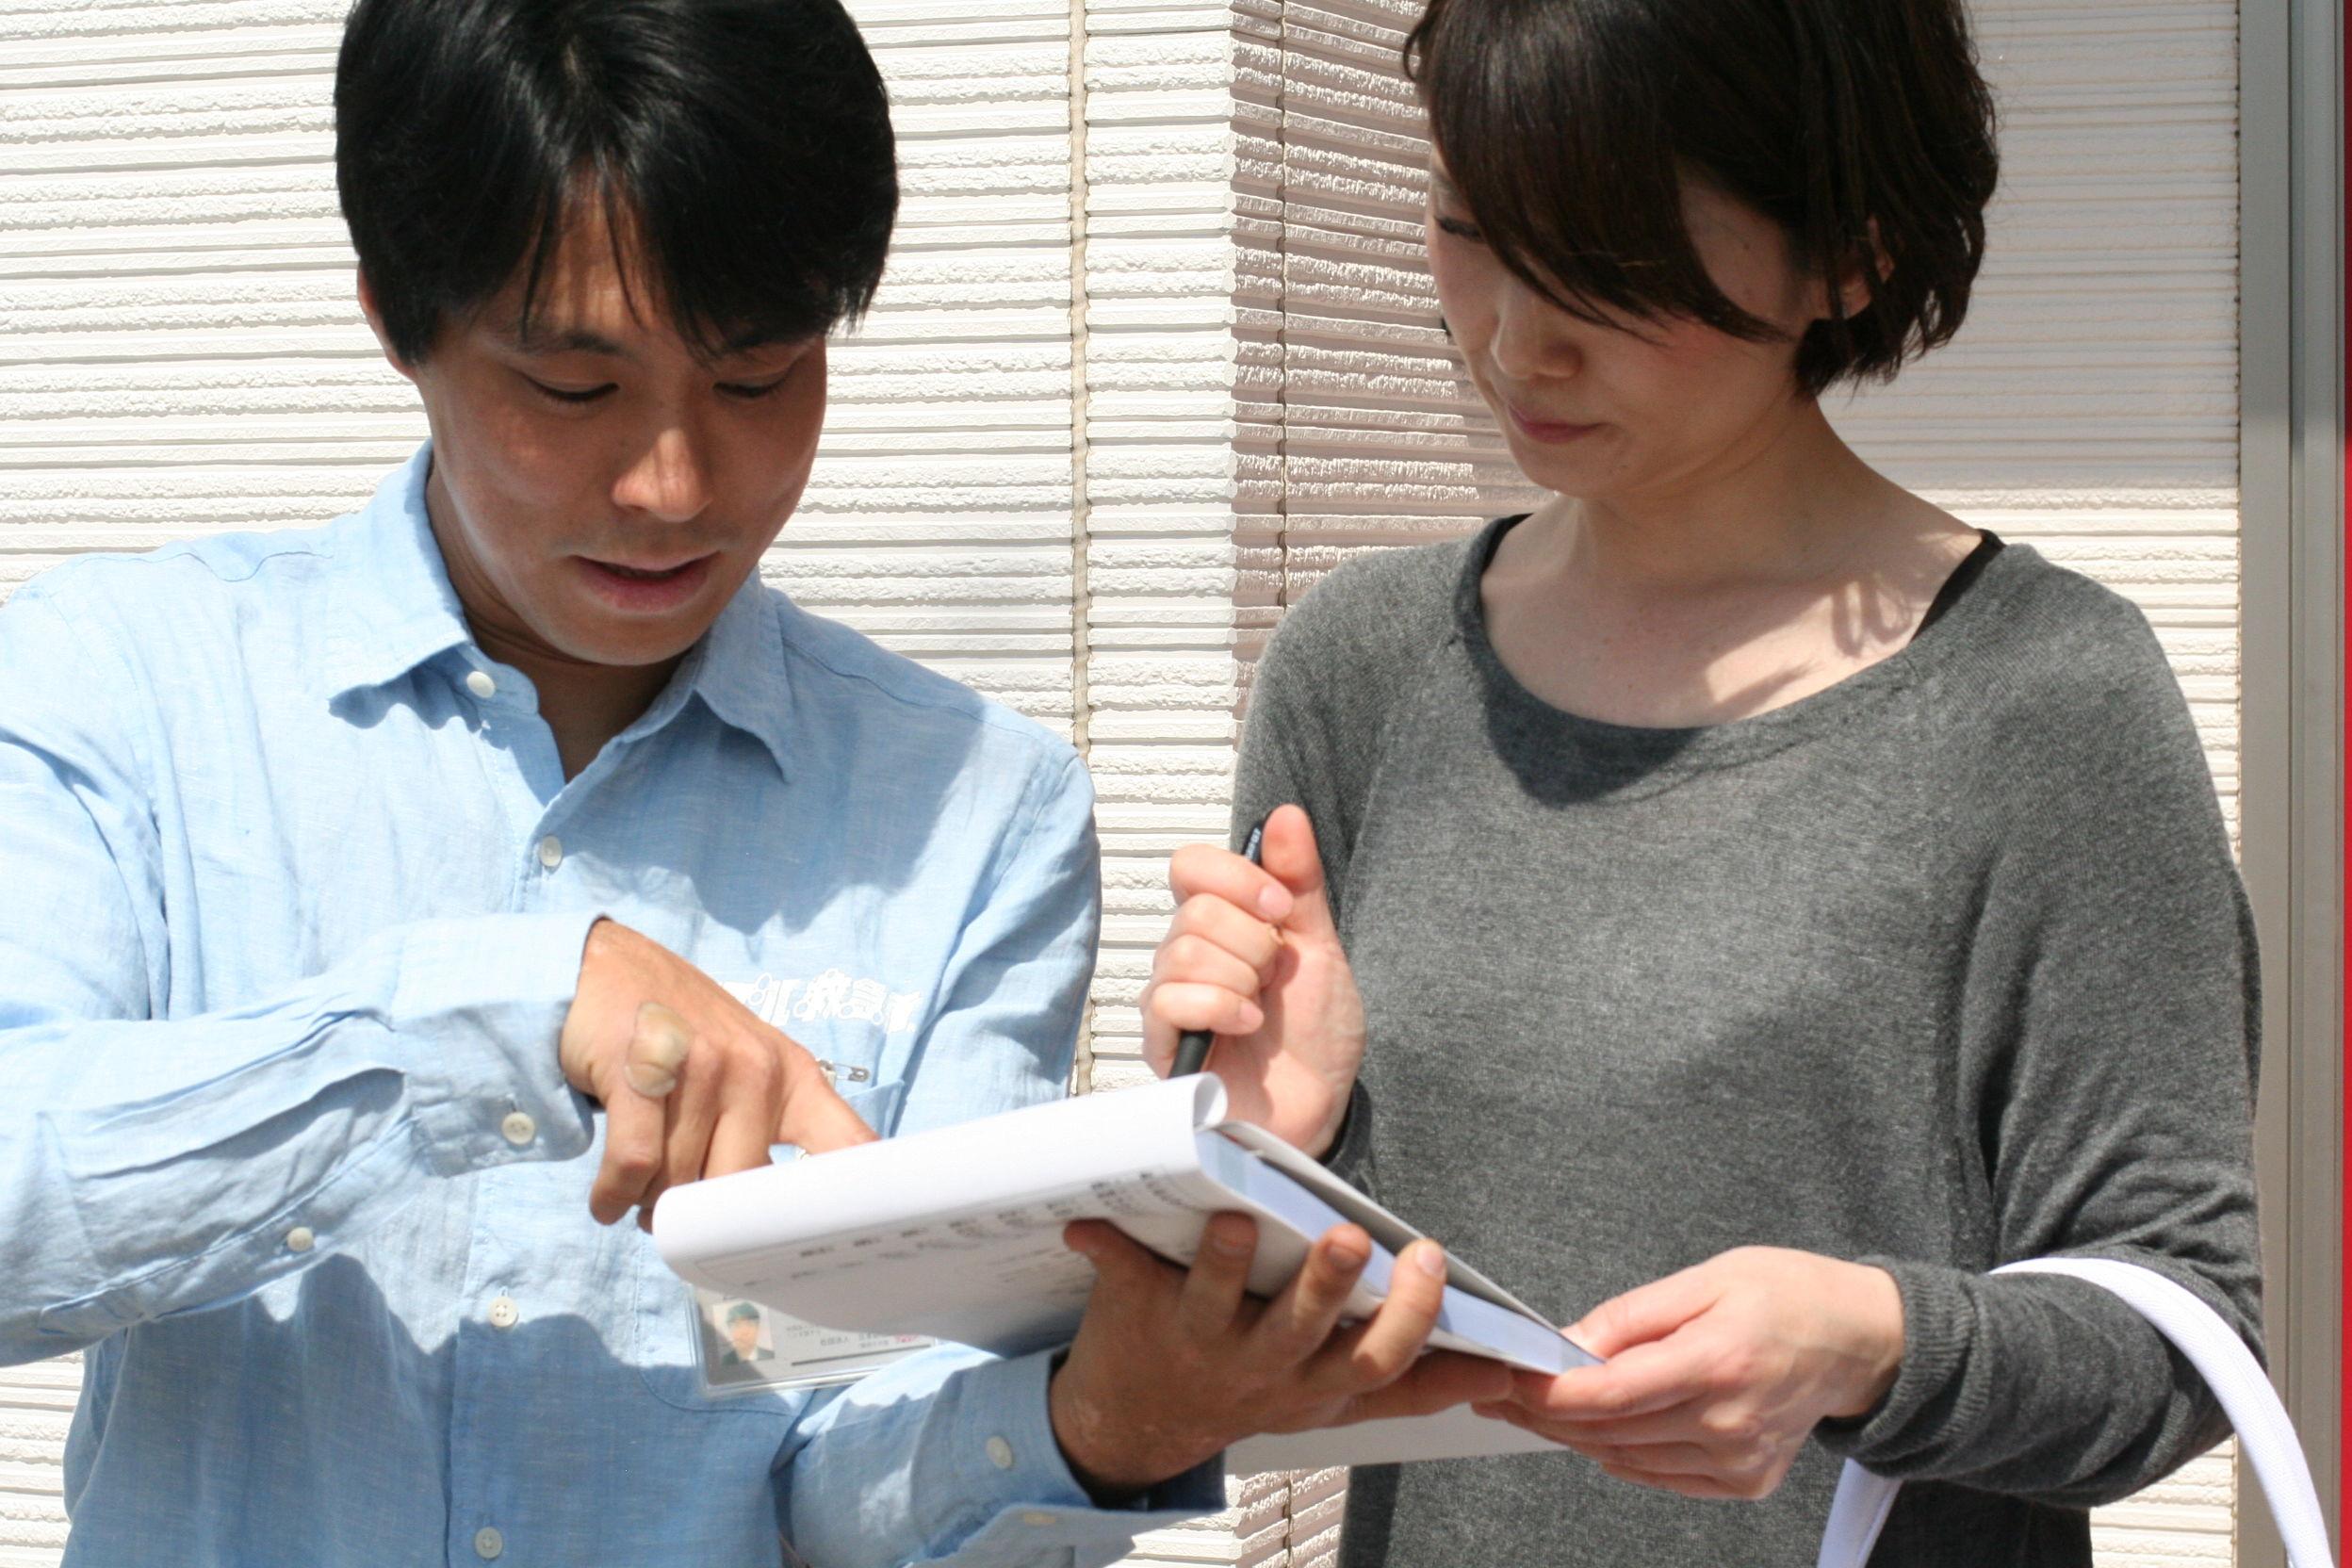 鍵のトラブル救急車【掛川市 出張エリア】のメイン画像